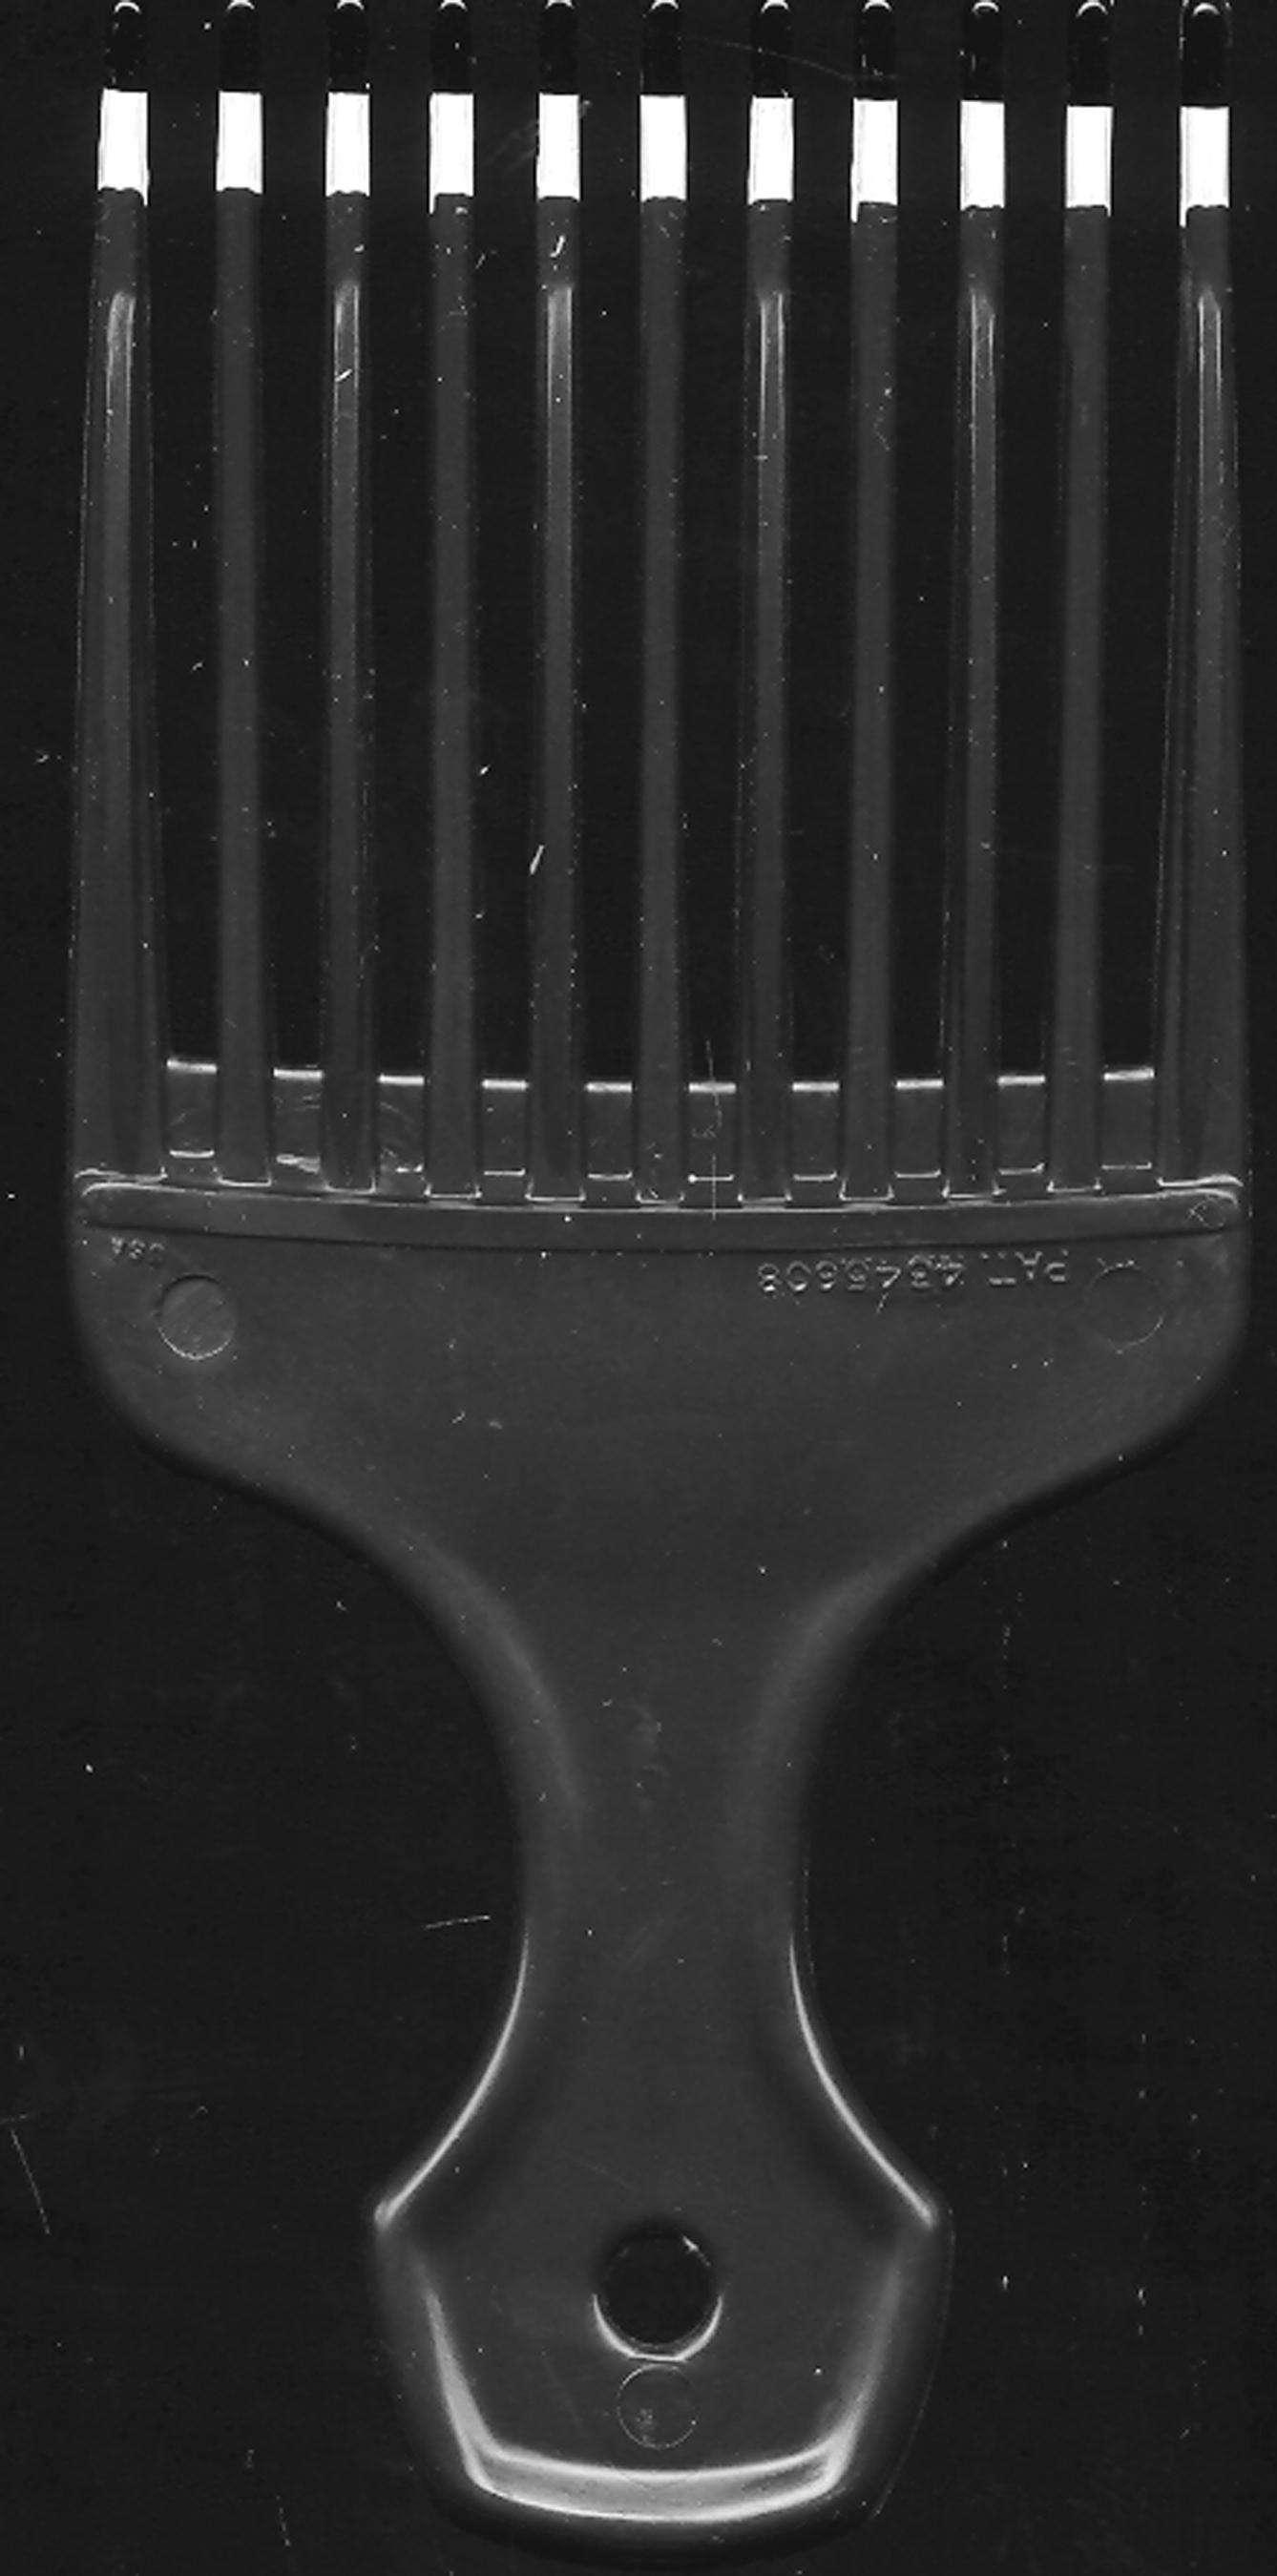 Medium Size Lift Comb - Label